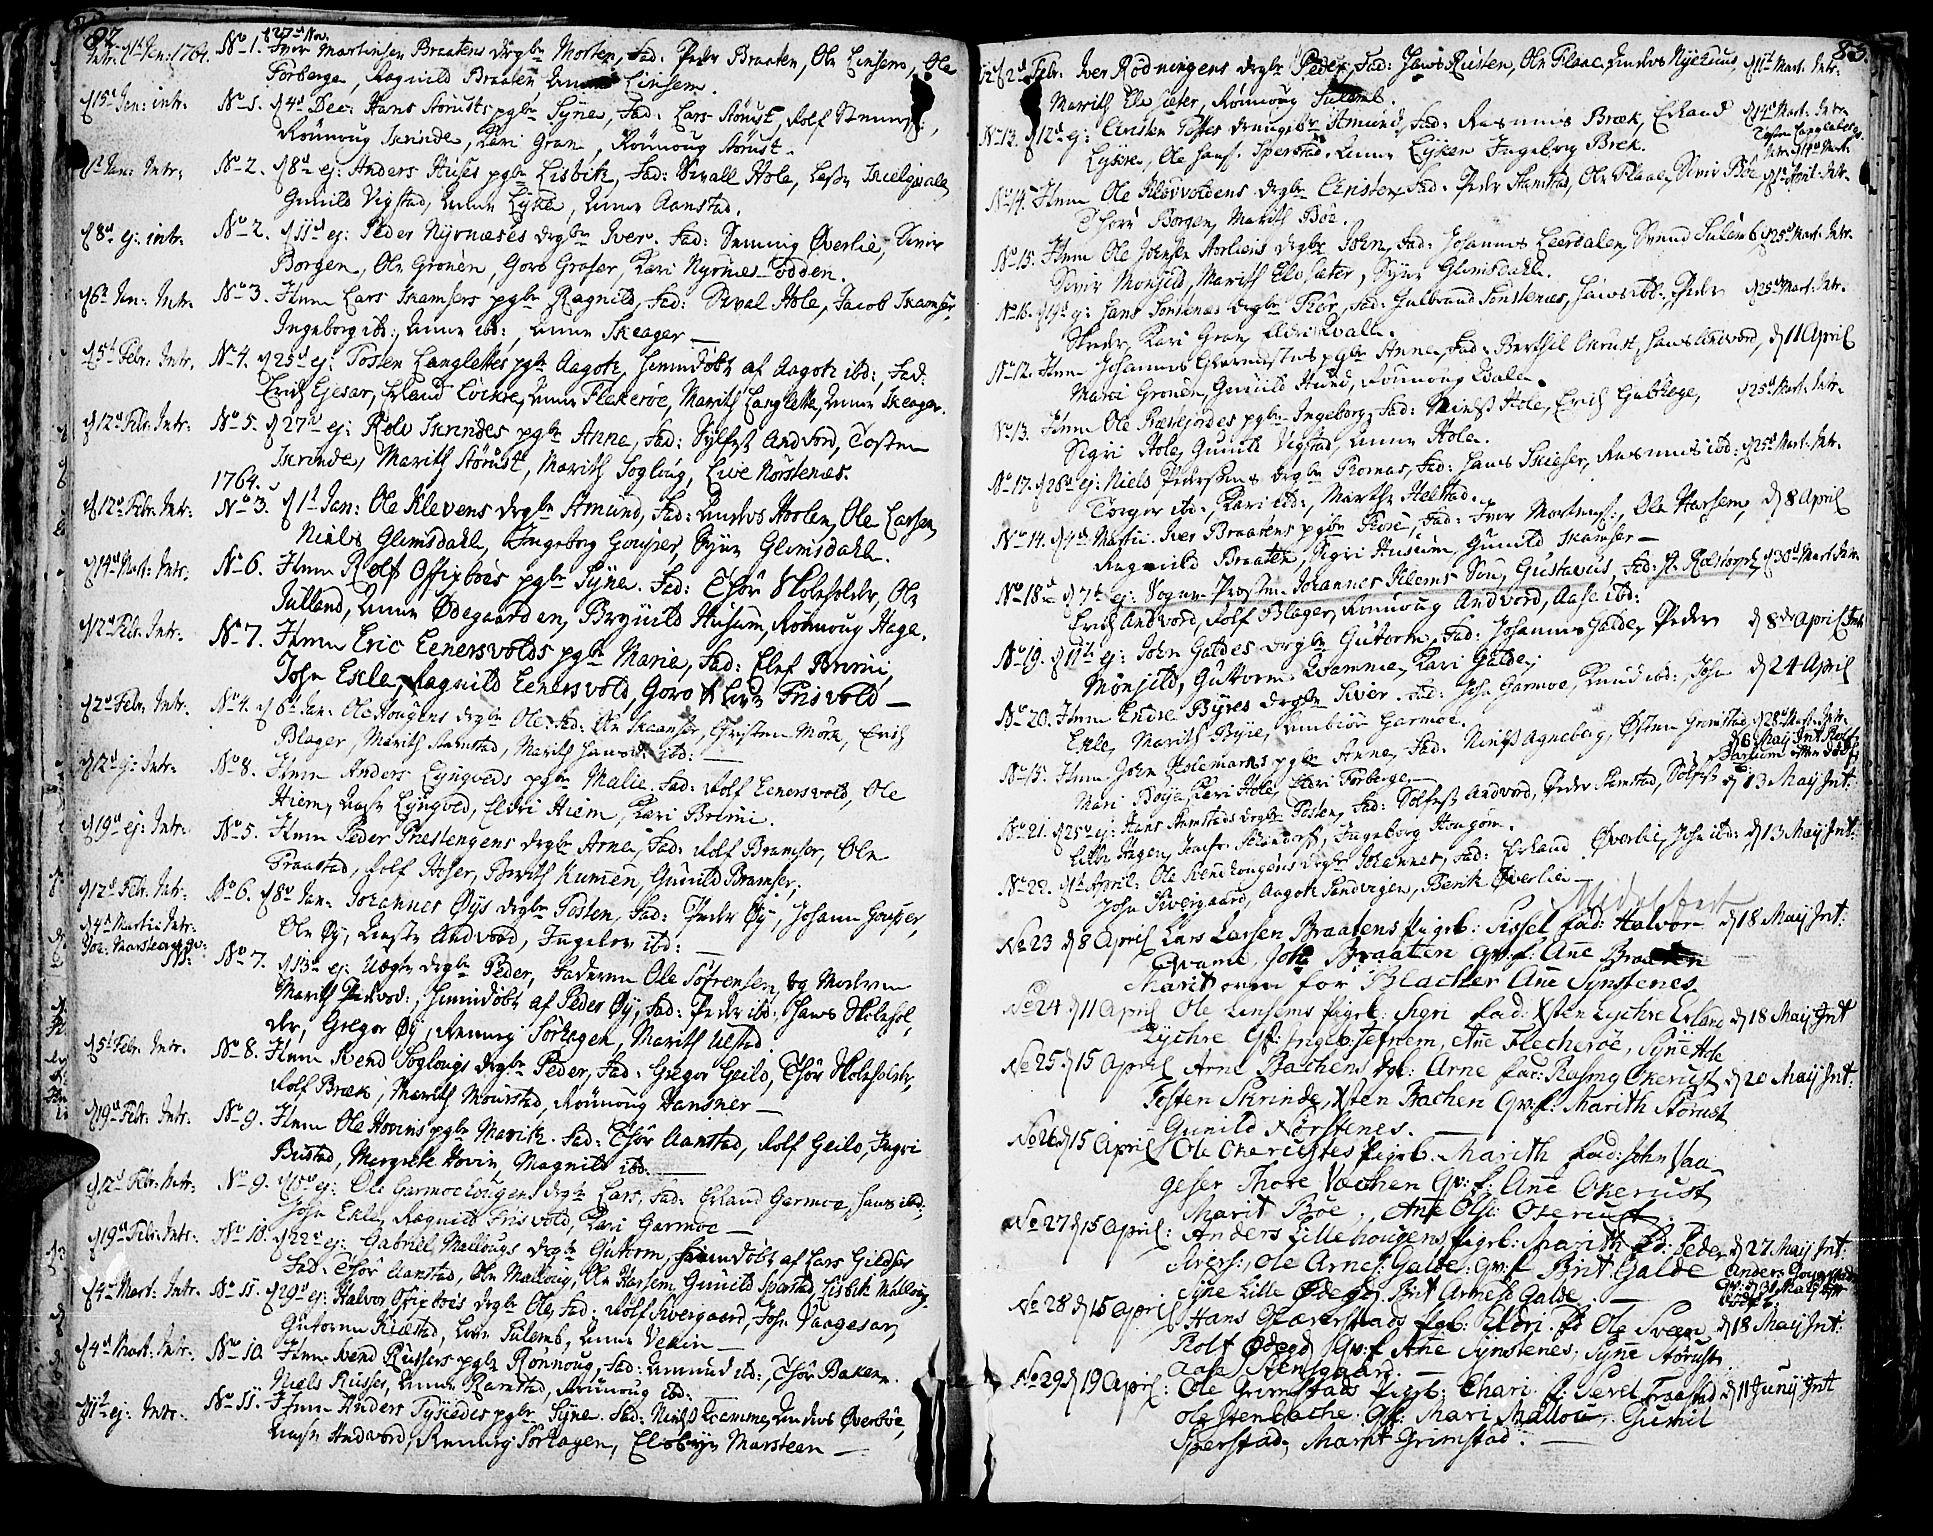 SAH, Lom prestekontor, K/L0002: Ministerialbok nr. 2, 1749-1801, s. 82-83